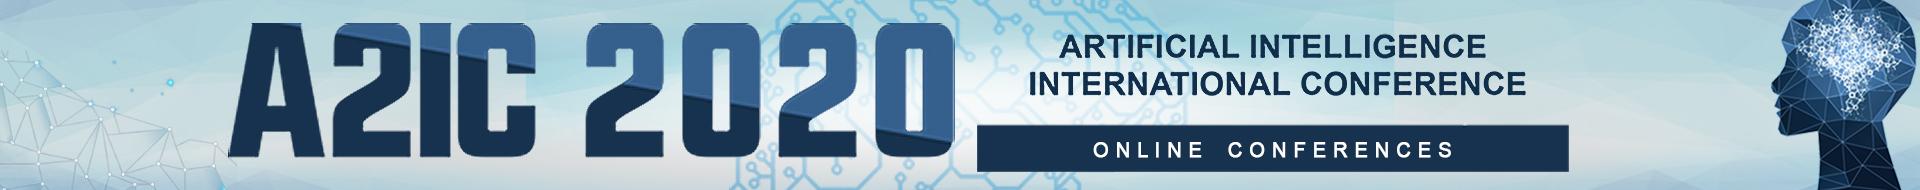 Online conference banner